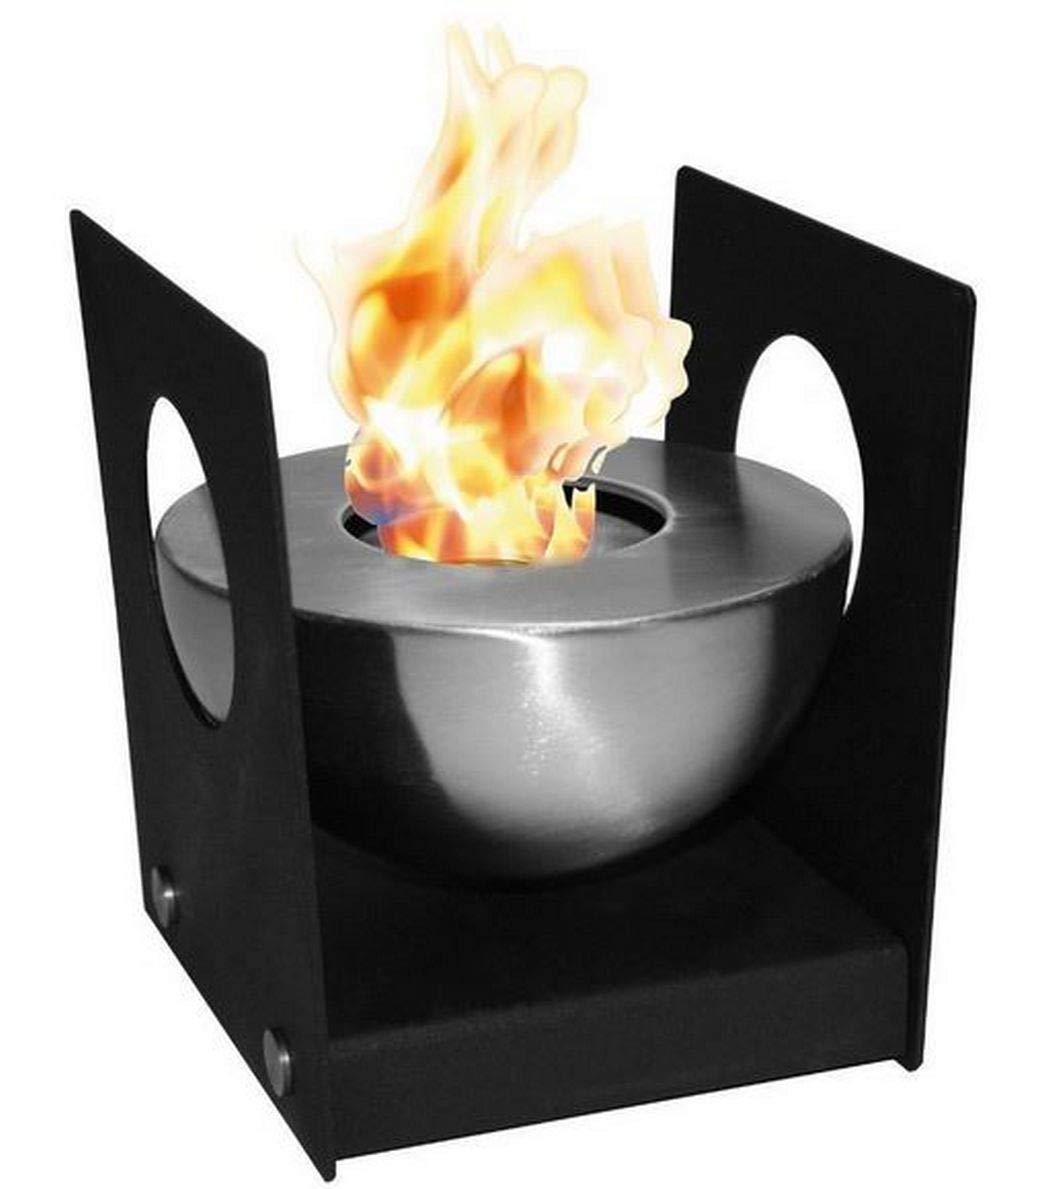 Heissner Tischfeuer Feuerschale Edelstahl fü r Innen und Auß en, oder fü r die Gartenparty, fü r Bioehtanol oder Brenngel